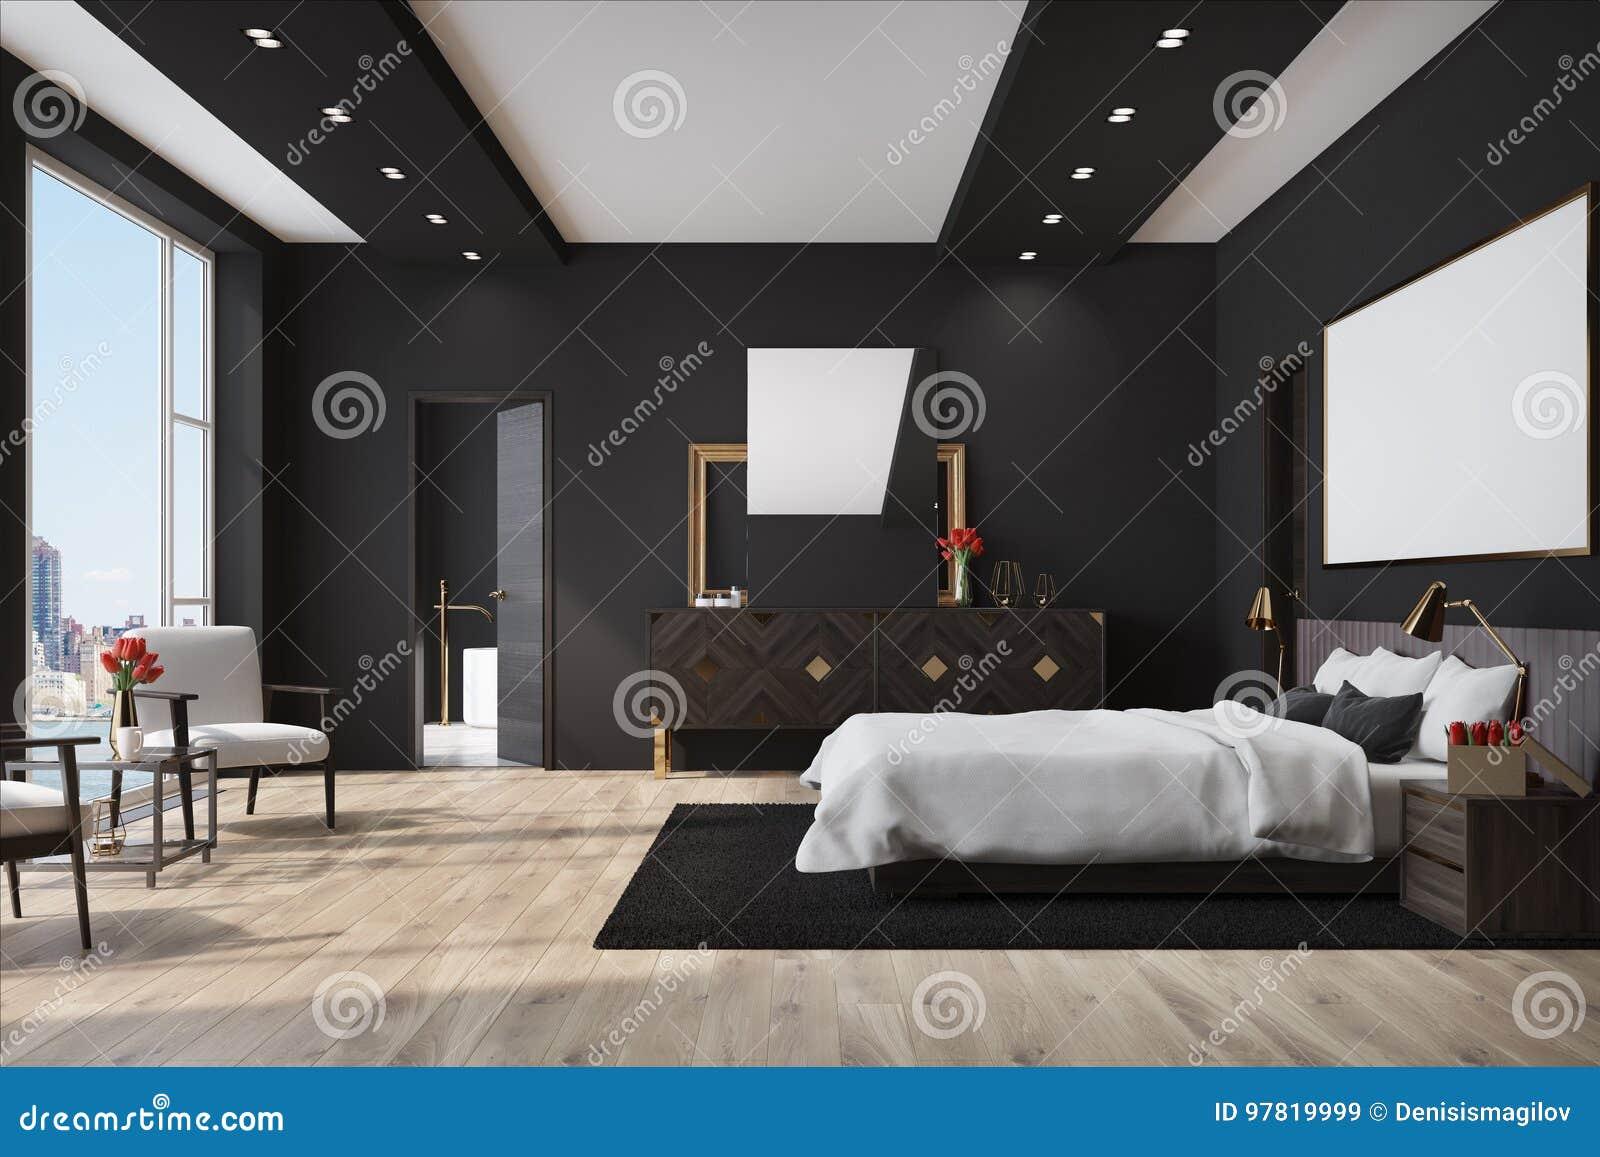 Houten Slaapkamer Kast : Zwarte slaapkamer met een affiche kast stock illustratie